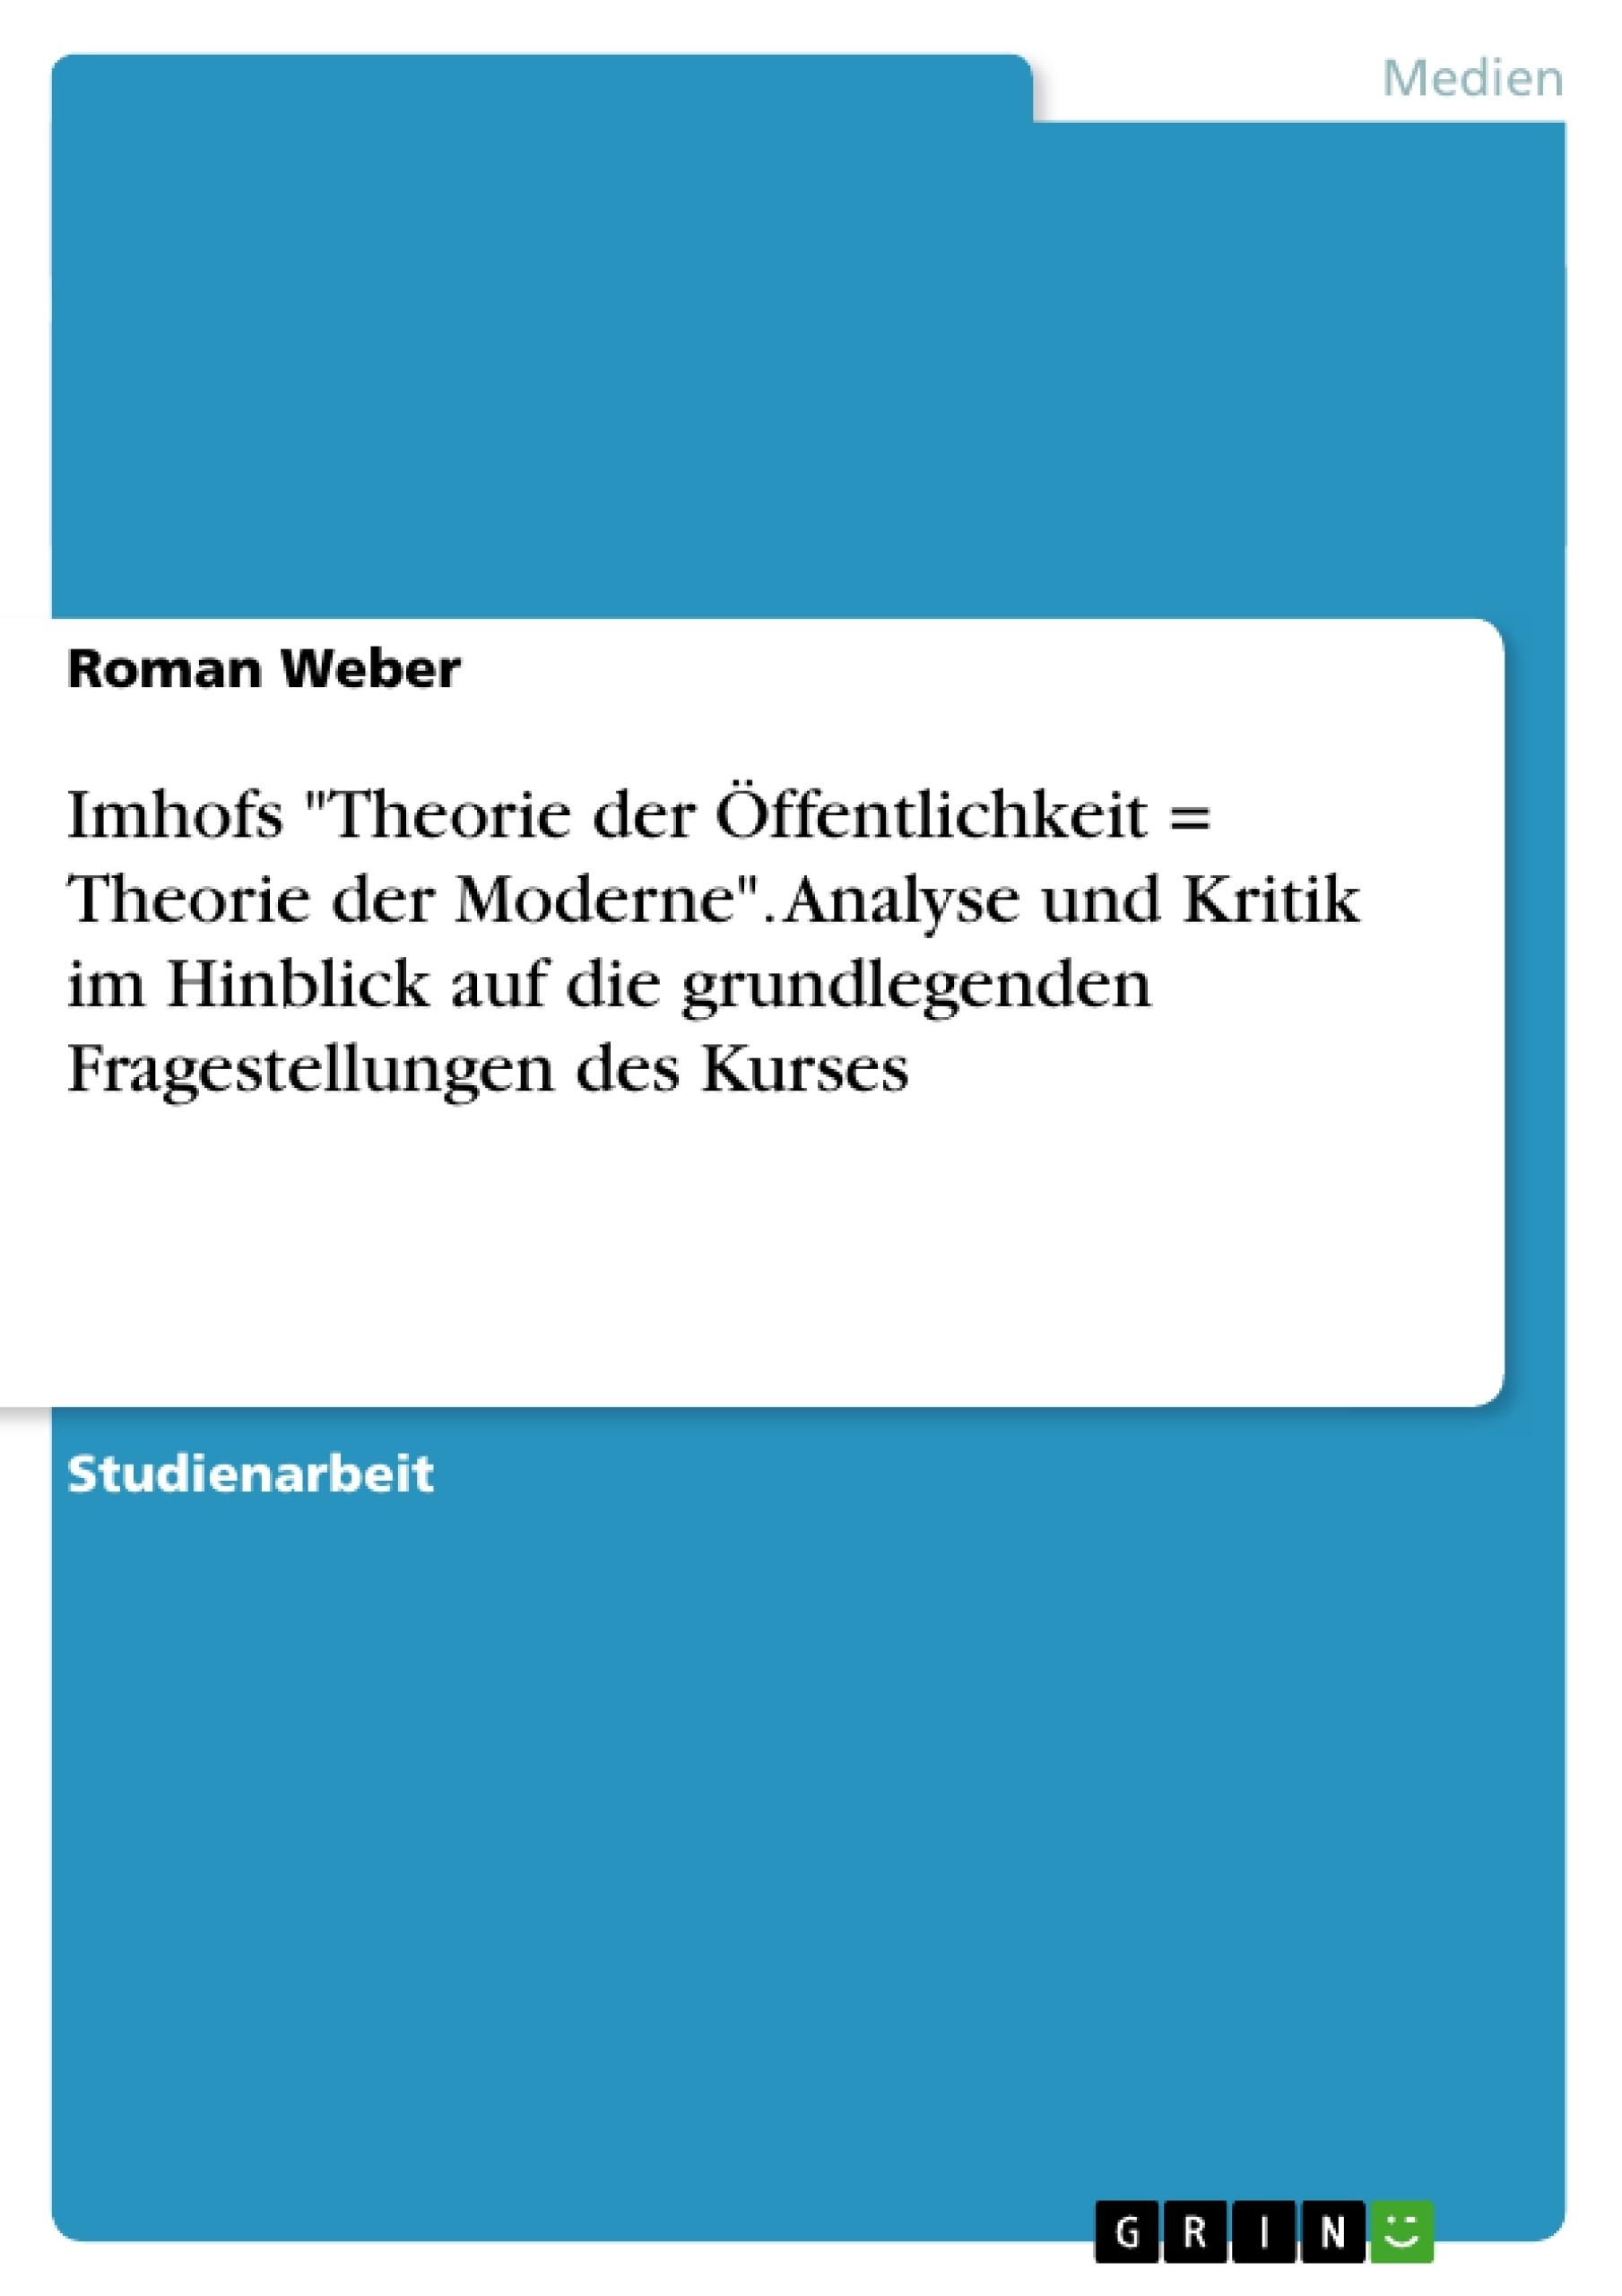 """Titel: Imhofs """"Theorie der Öffentlichkeit = Theorie der Moderne"""". Analyse und Kritik im Hinblick auf die grundlegenden Fragestellungen des Kurses"""